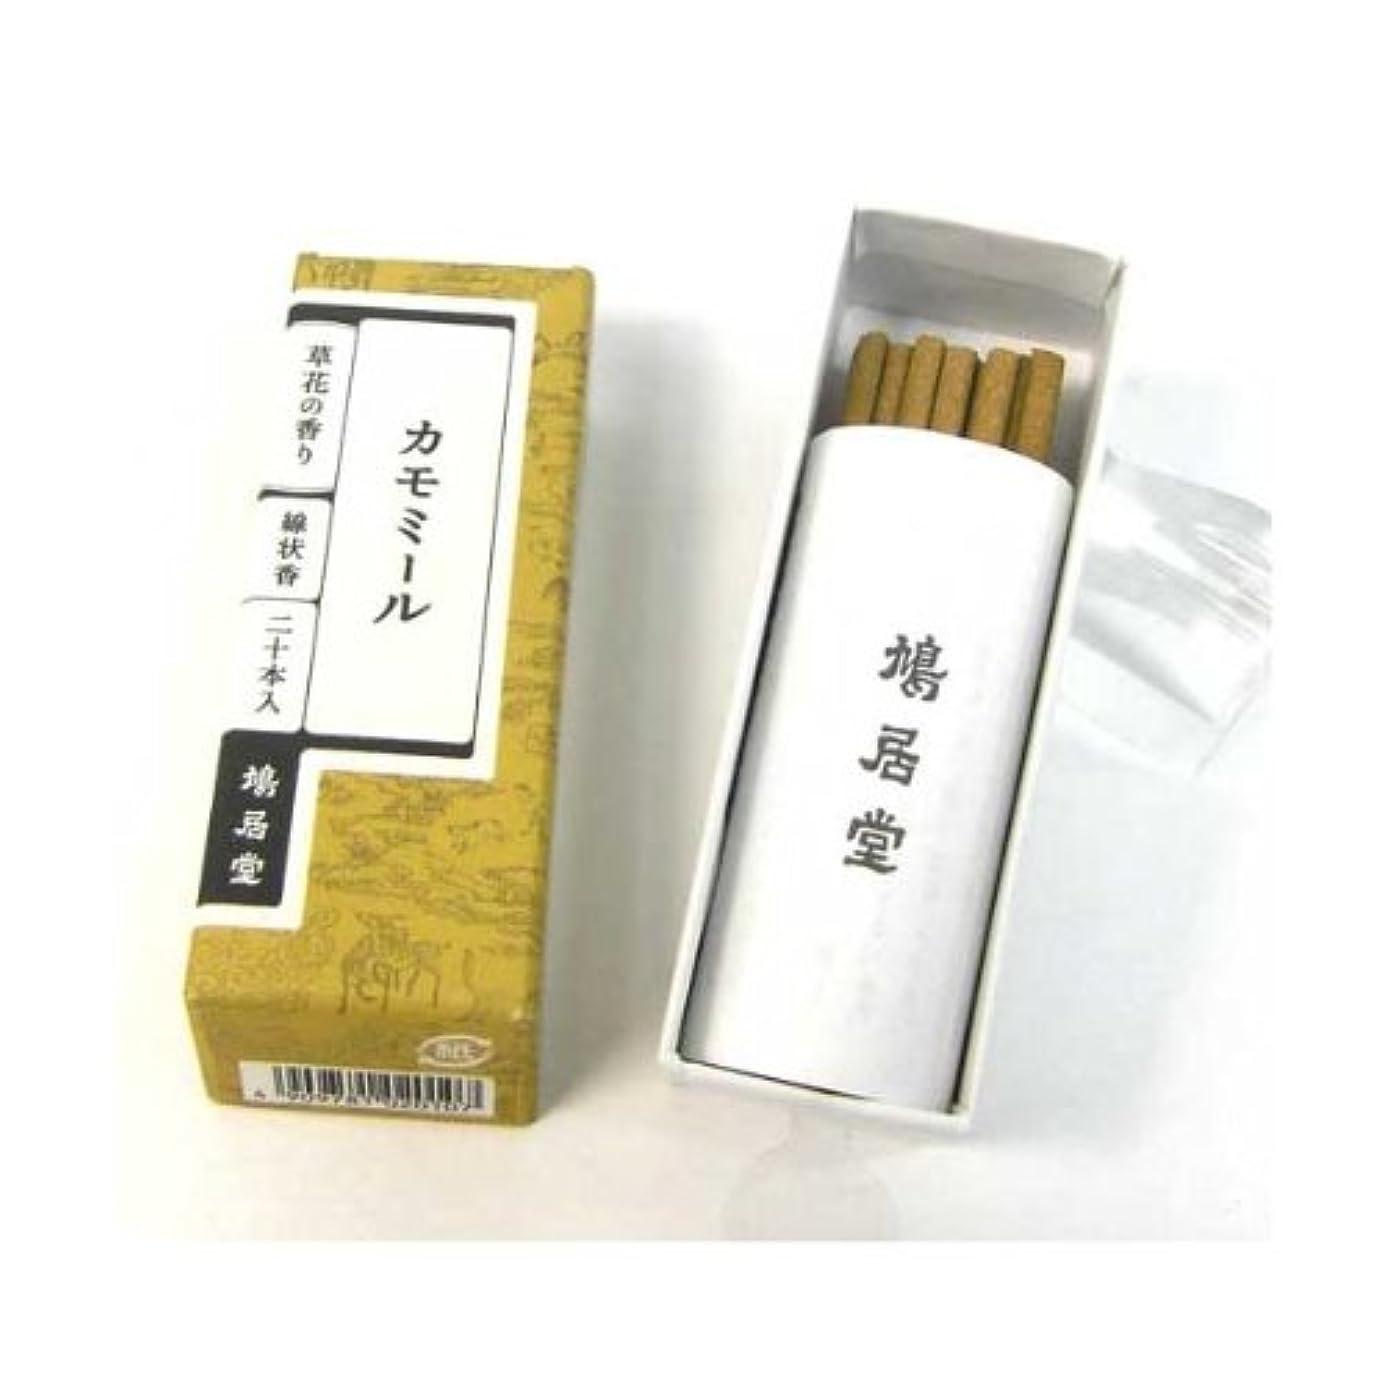 異常な辞任メリー鳩居堂 お香 カモミール 草花の香りシリーズ スティックタイプ(棒状香)20本いり